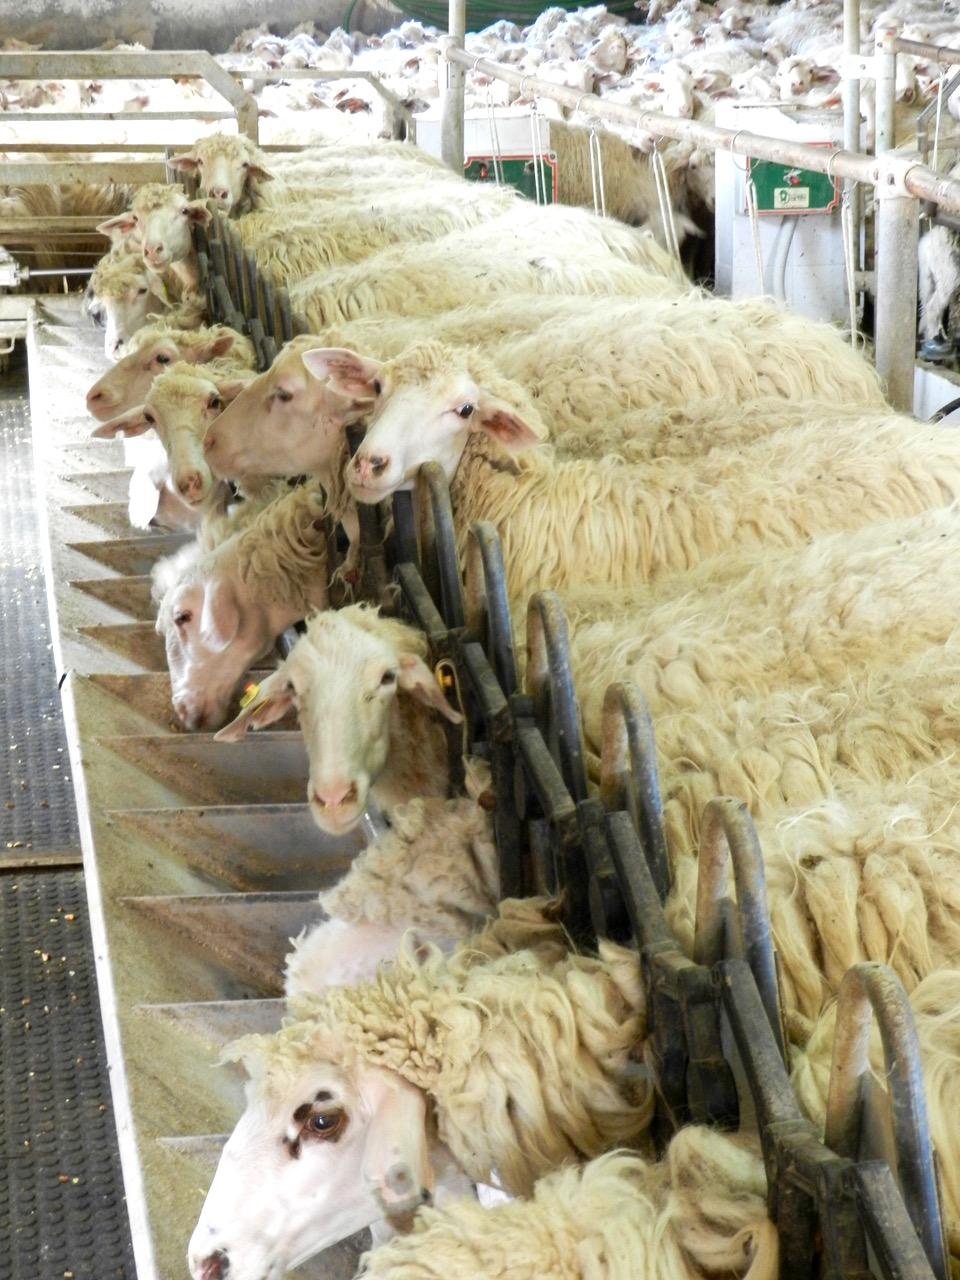 Schafe im Melkstand der Fattoria Su Grabiolu im Oristanese